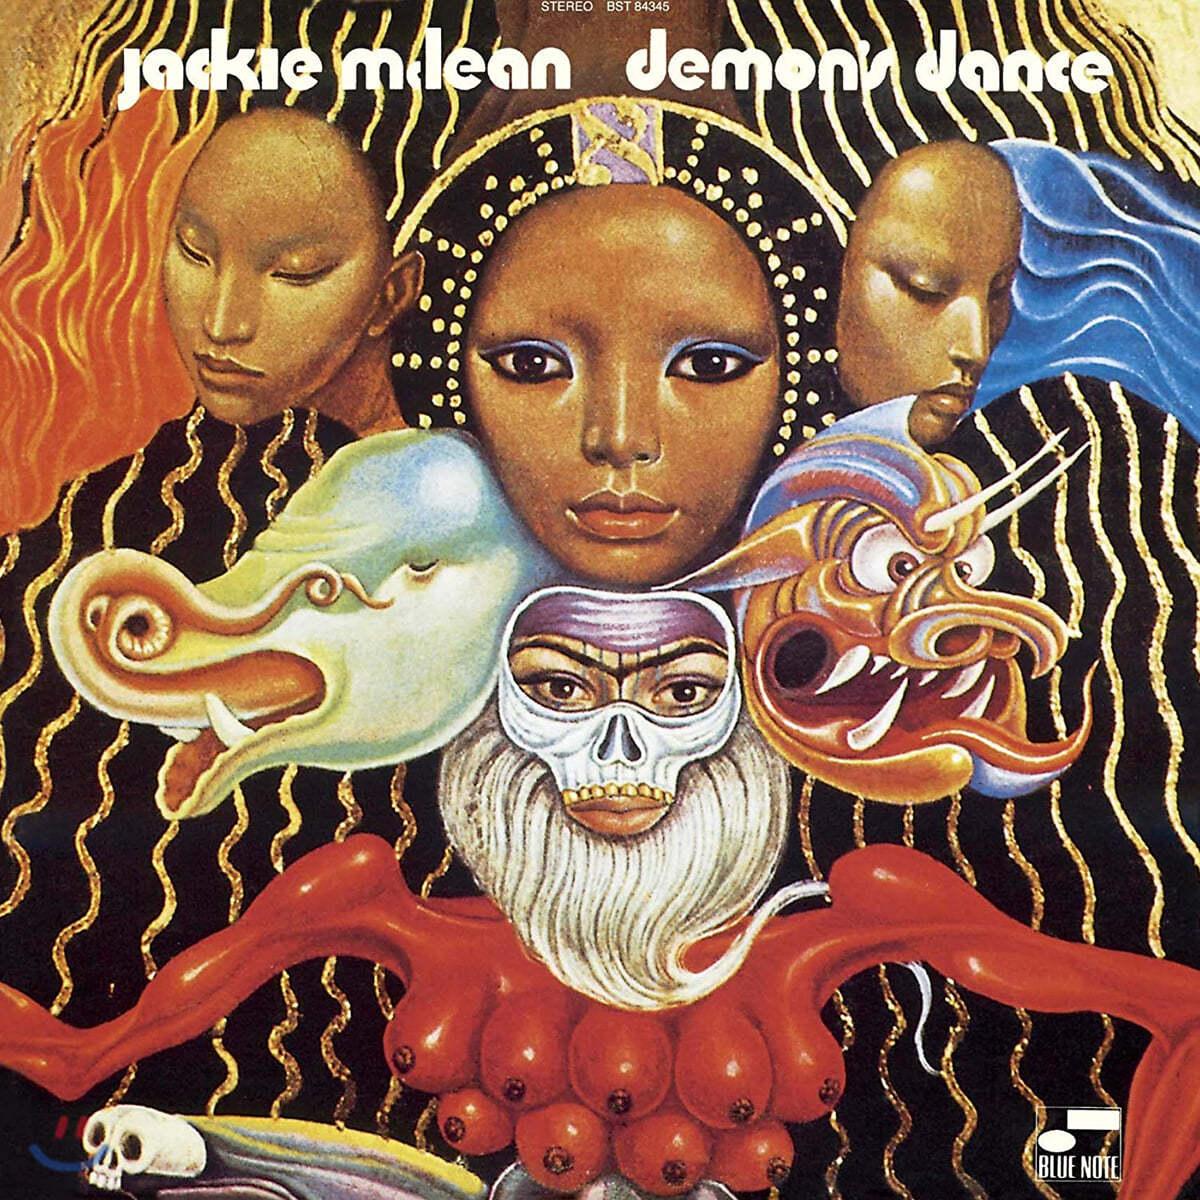 Jackie Mclean (재키 맥린) - Demon's Dance